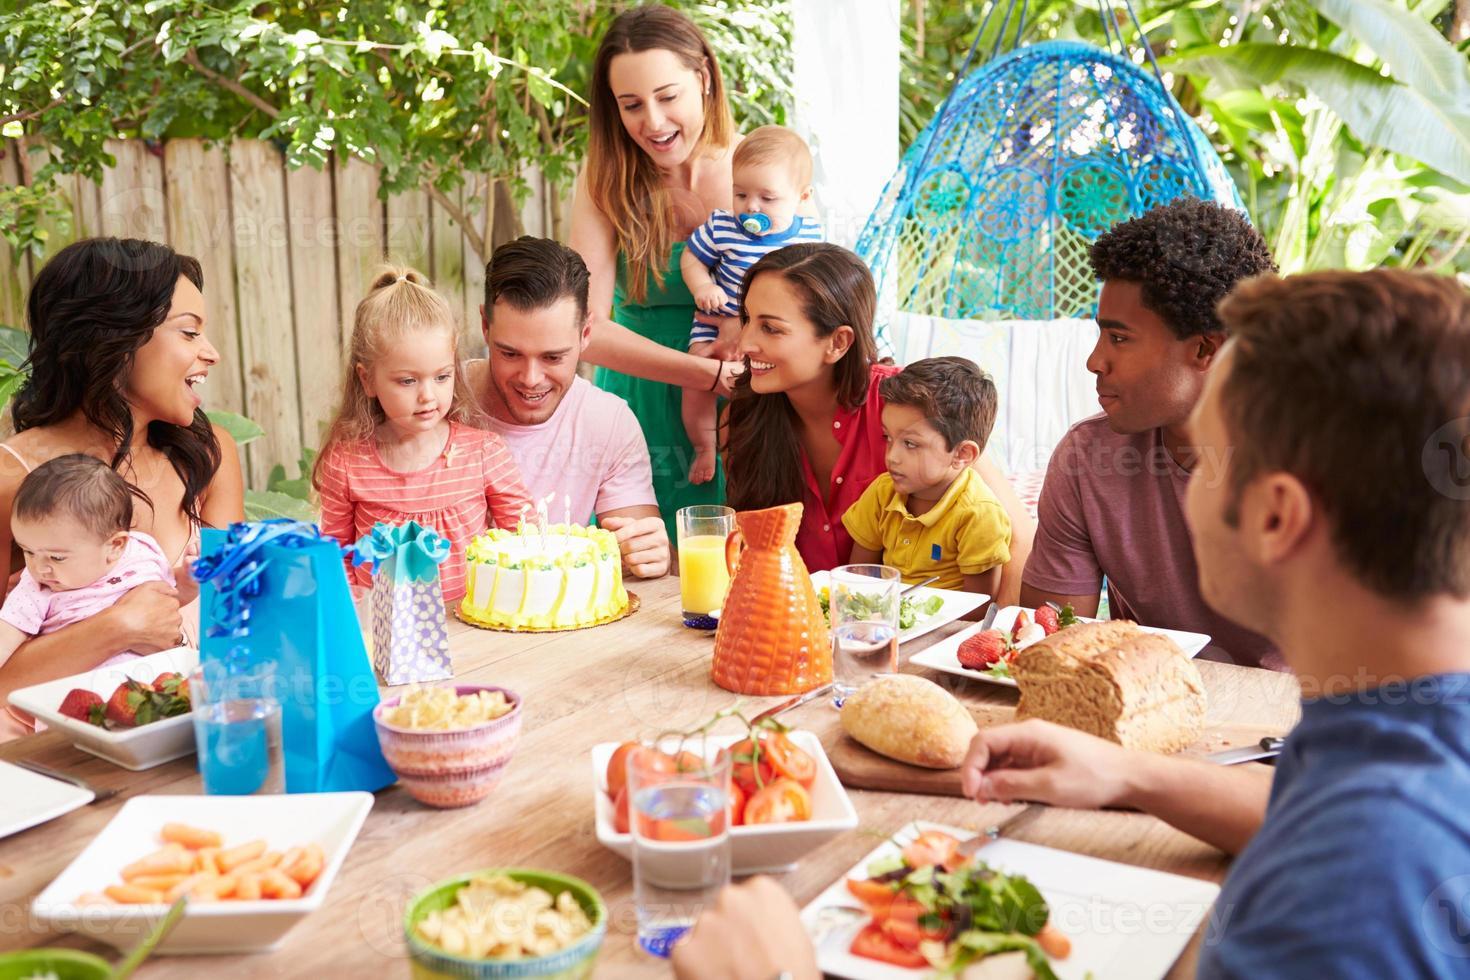 gruppo di famiglie che celebra il compleanno del bambino a casa foto